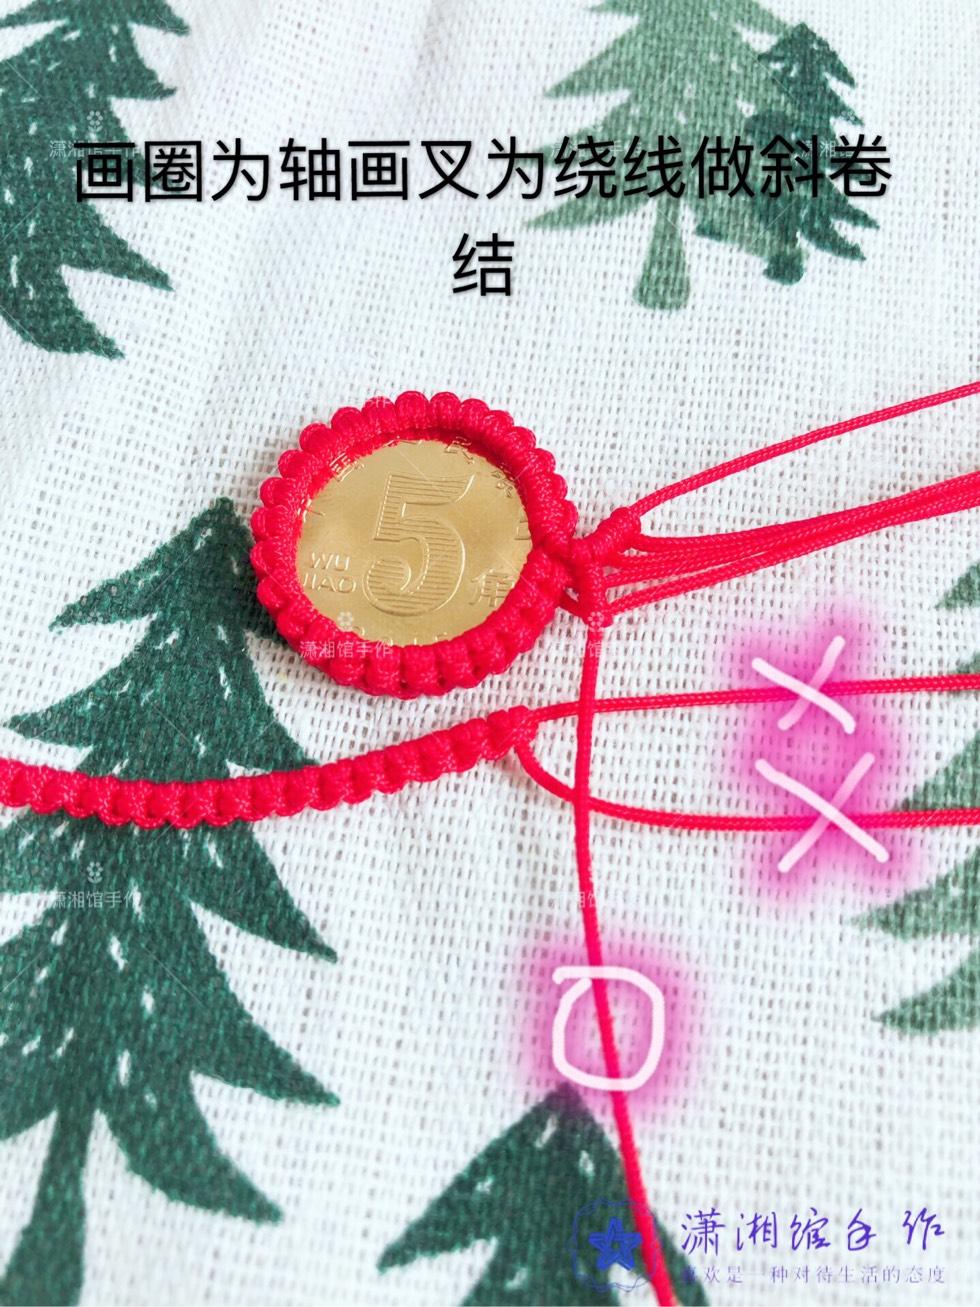 中国结论坛 硬币天使翅膀手链  图文教程区 162436y3kczlizs59si7sa